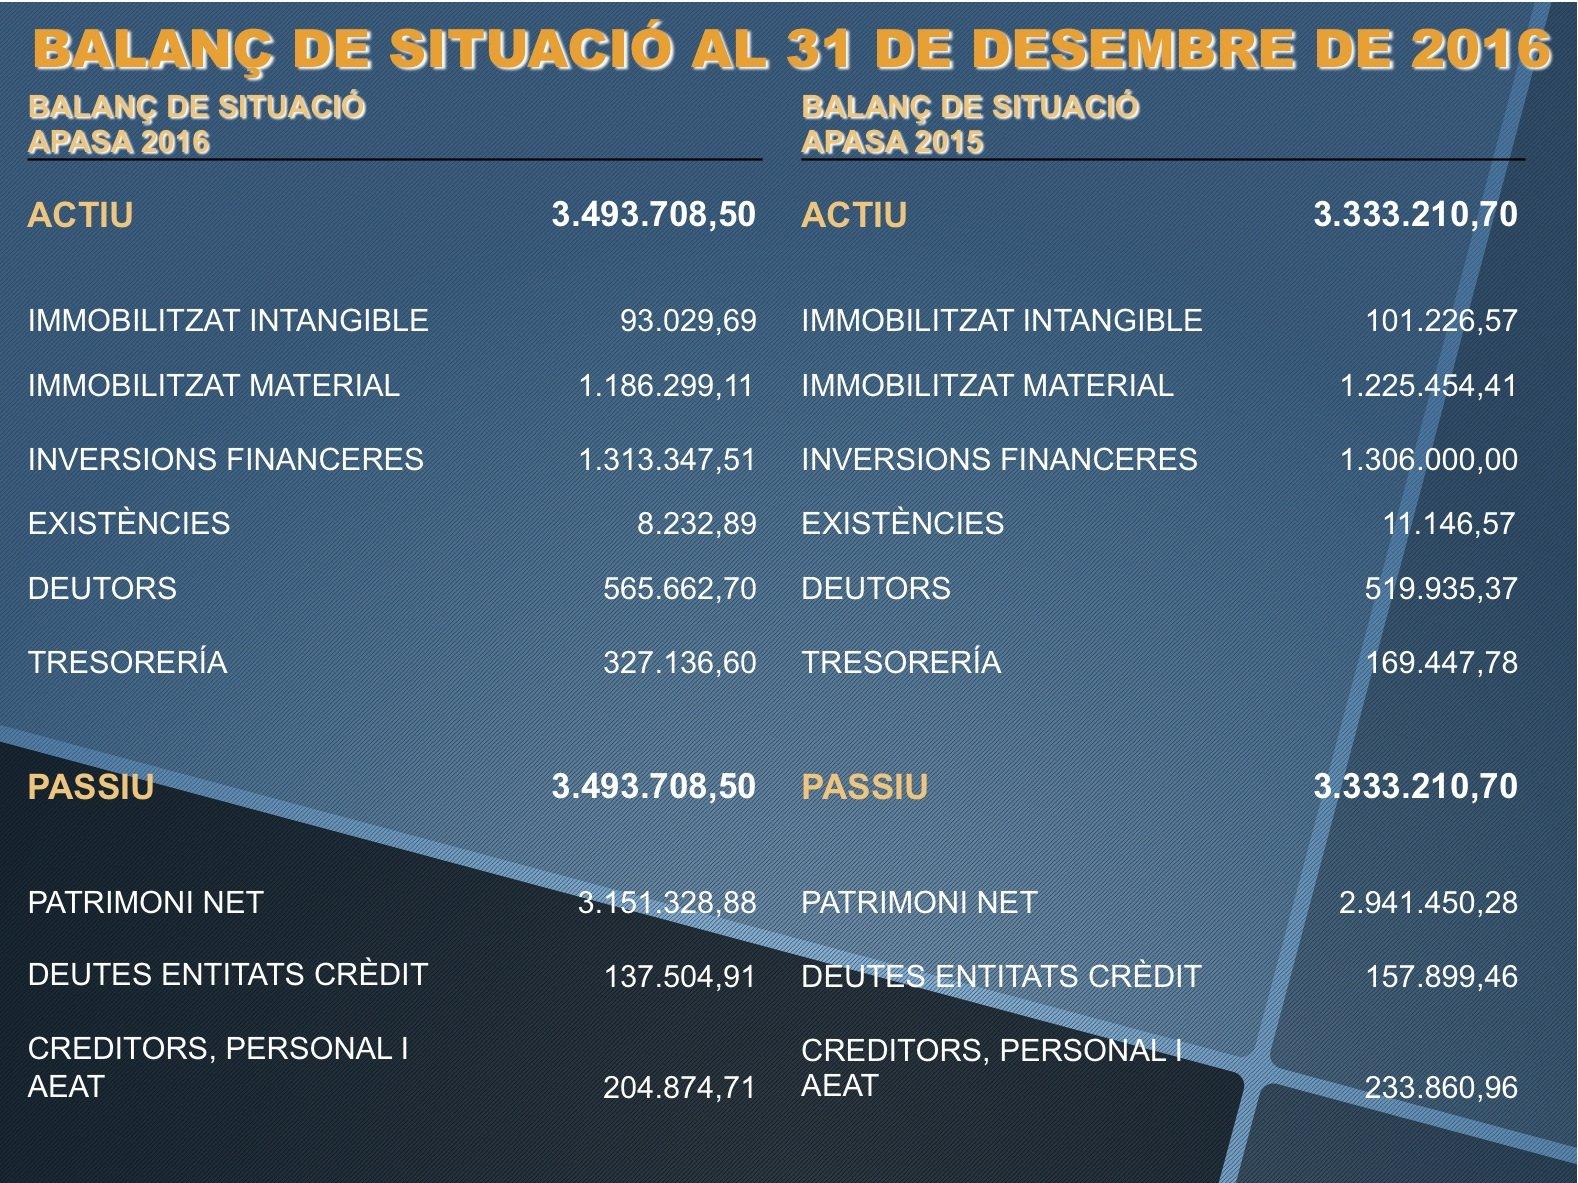 BALANÇ DE SITUACIÓ A 31/12/2014